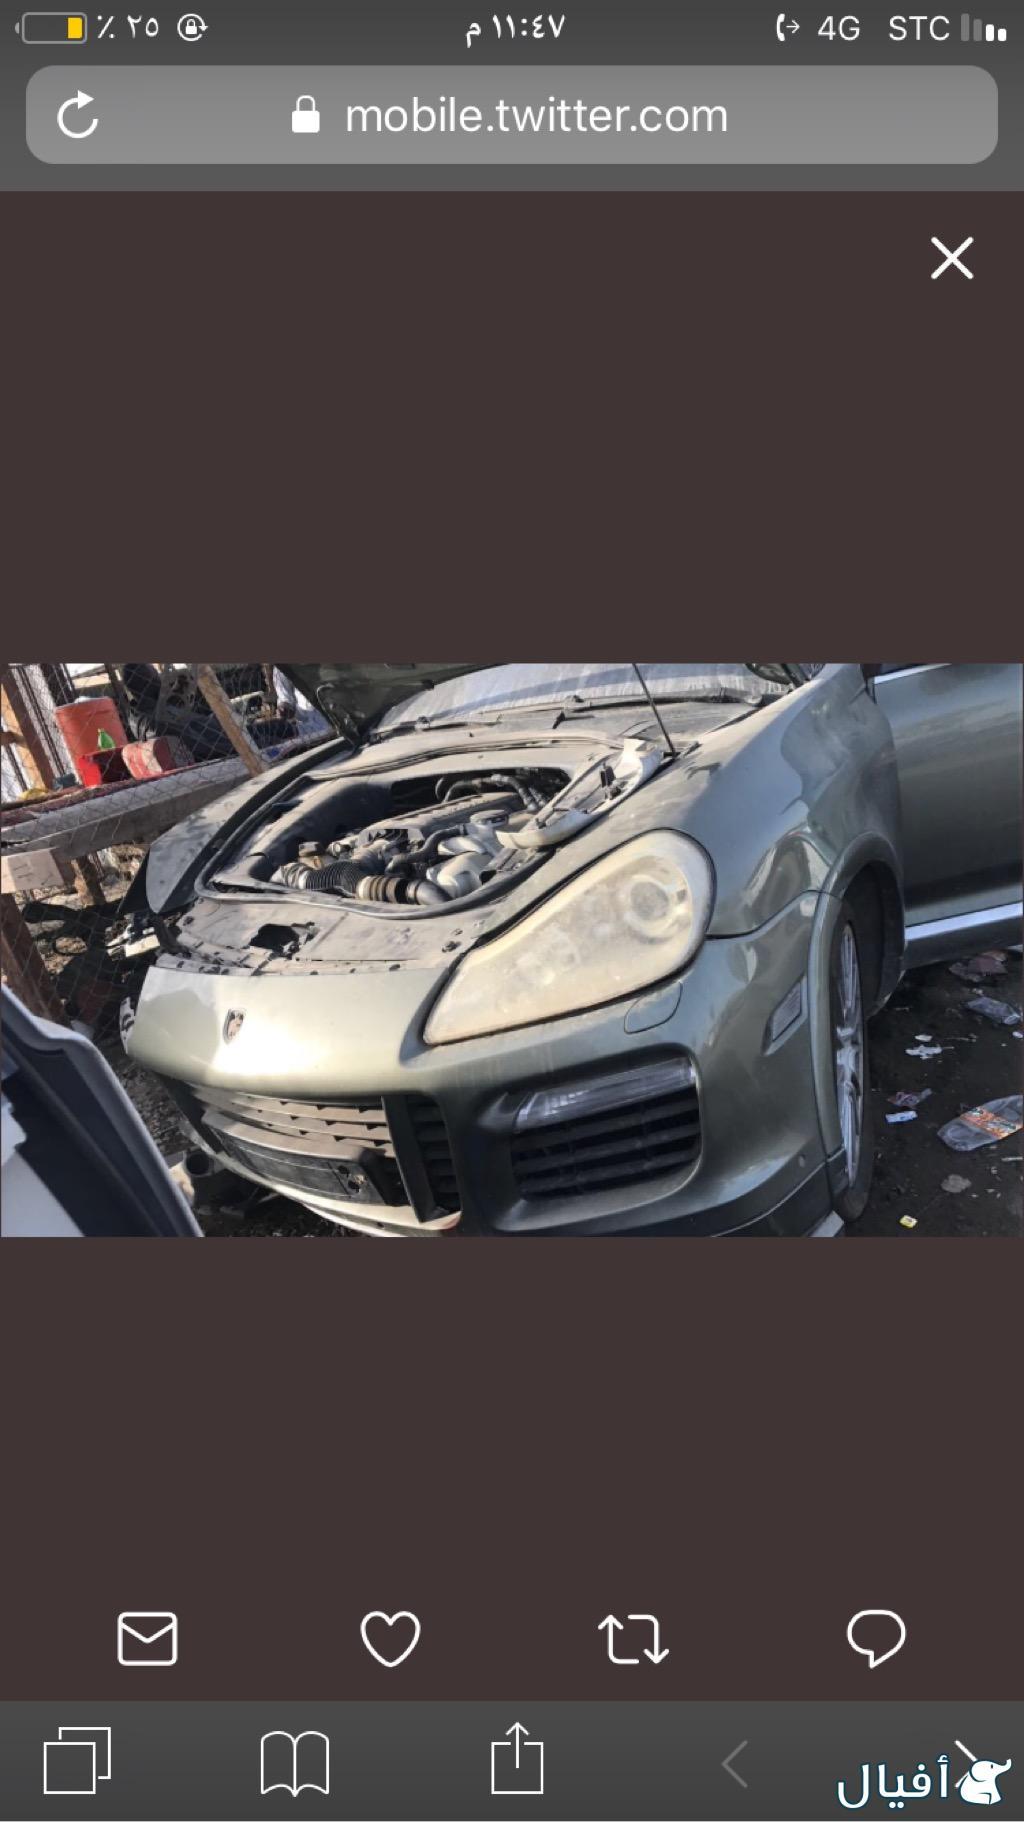 تشليح بن راشد لقطع غيار السيارات